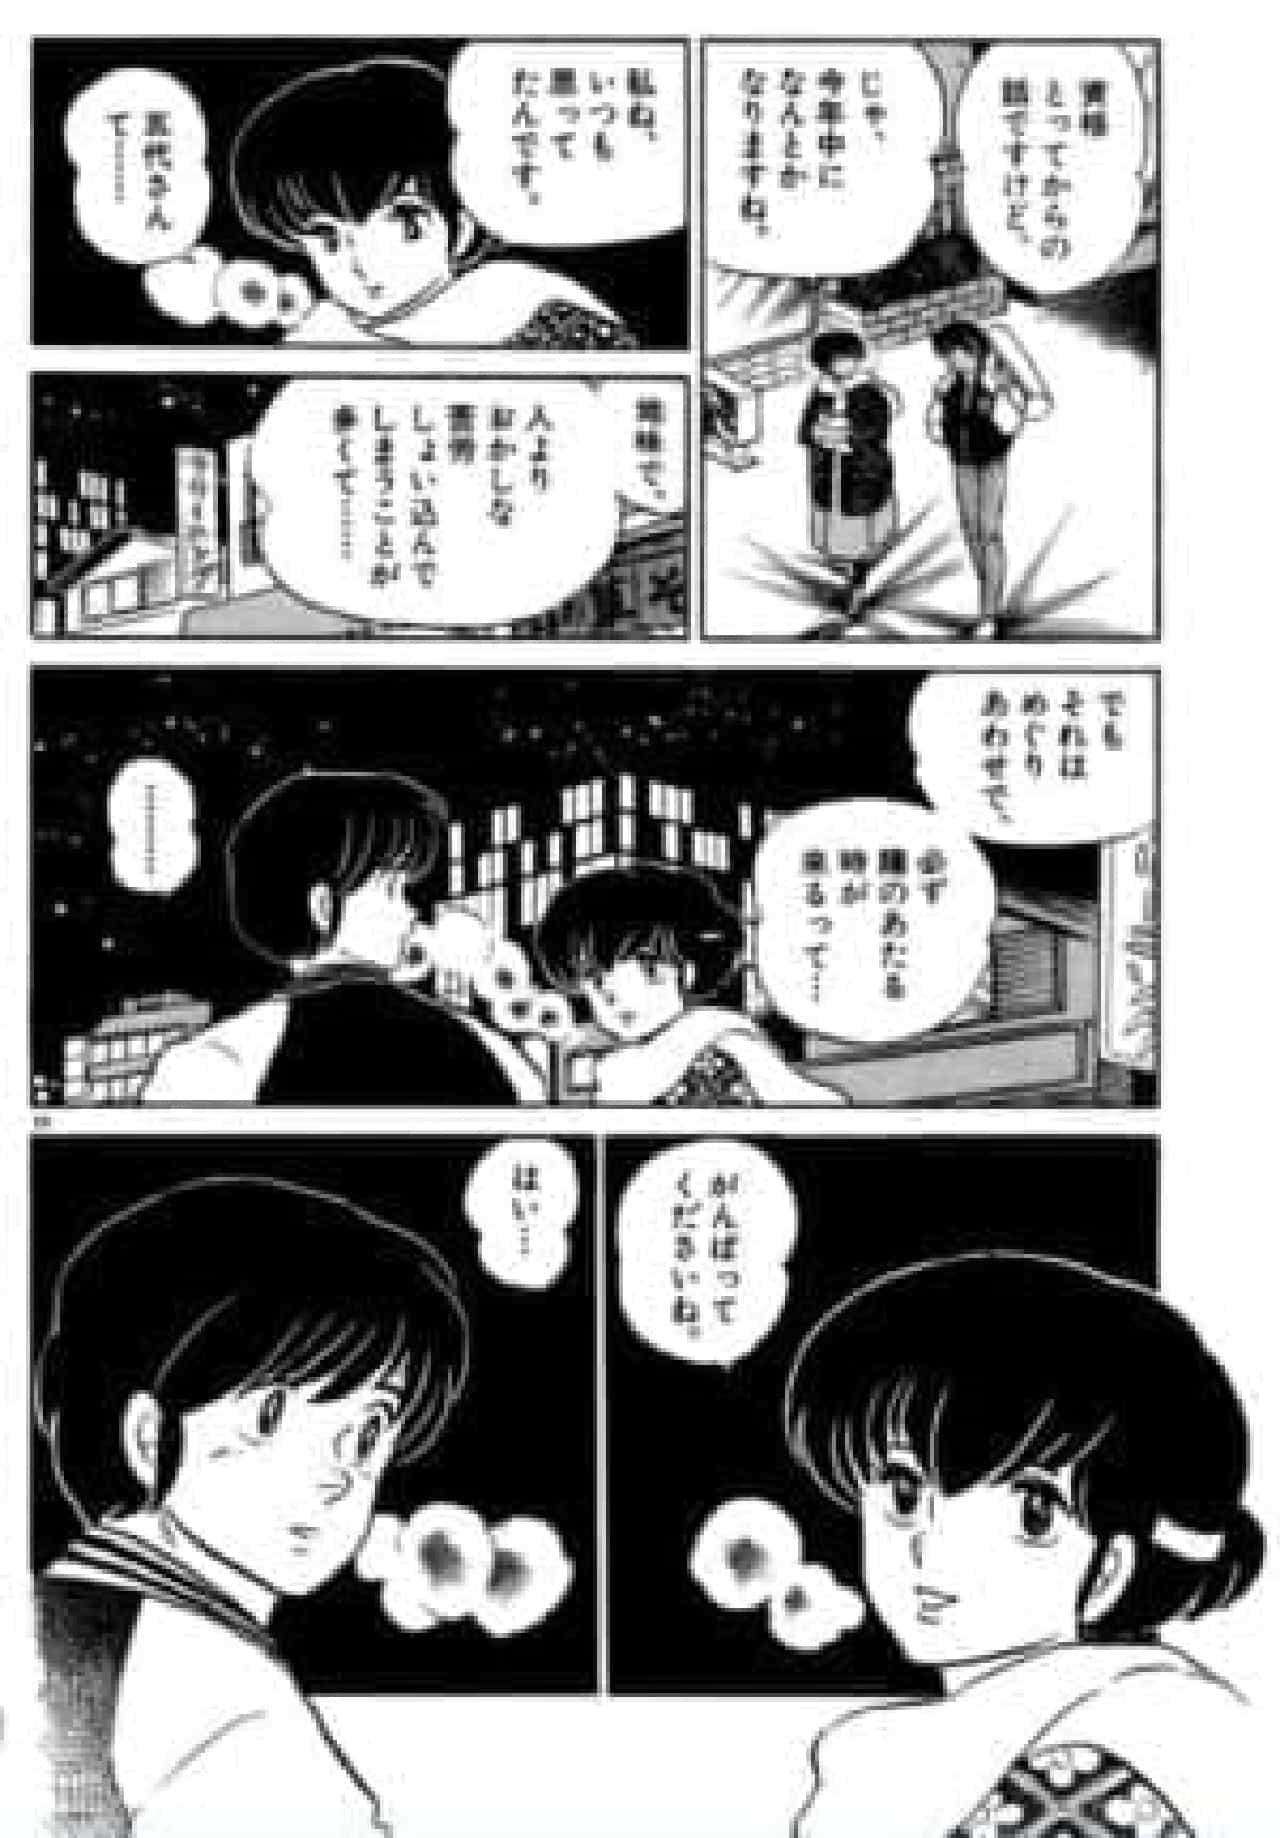 世の男子たちが憧れたあのシーン  (C)高橋留美子/小学館